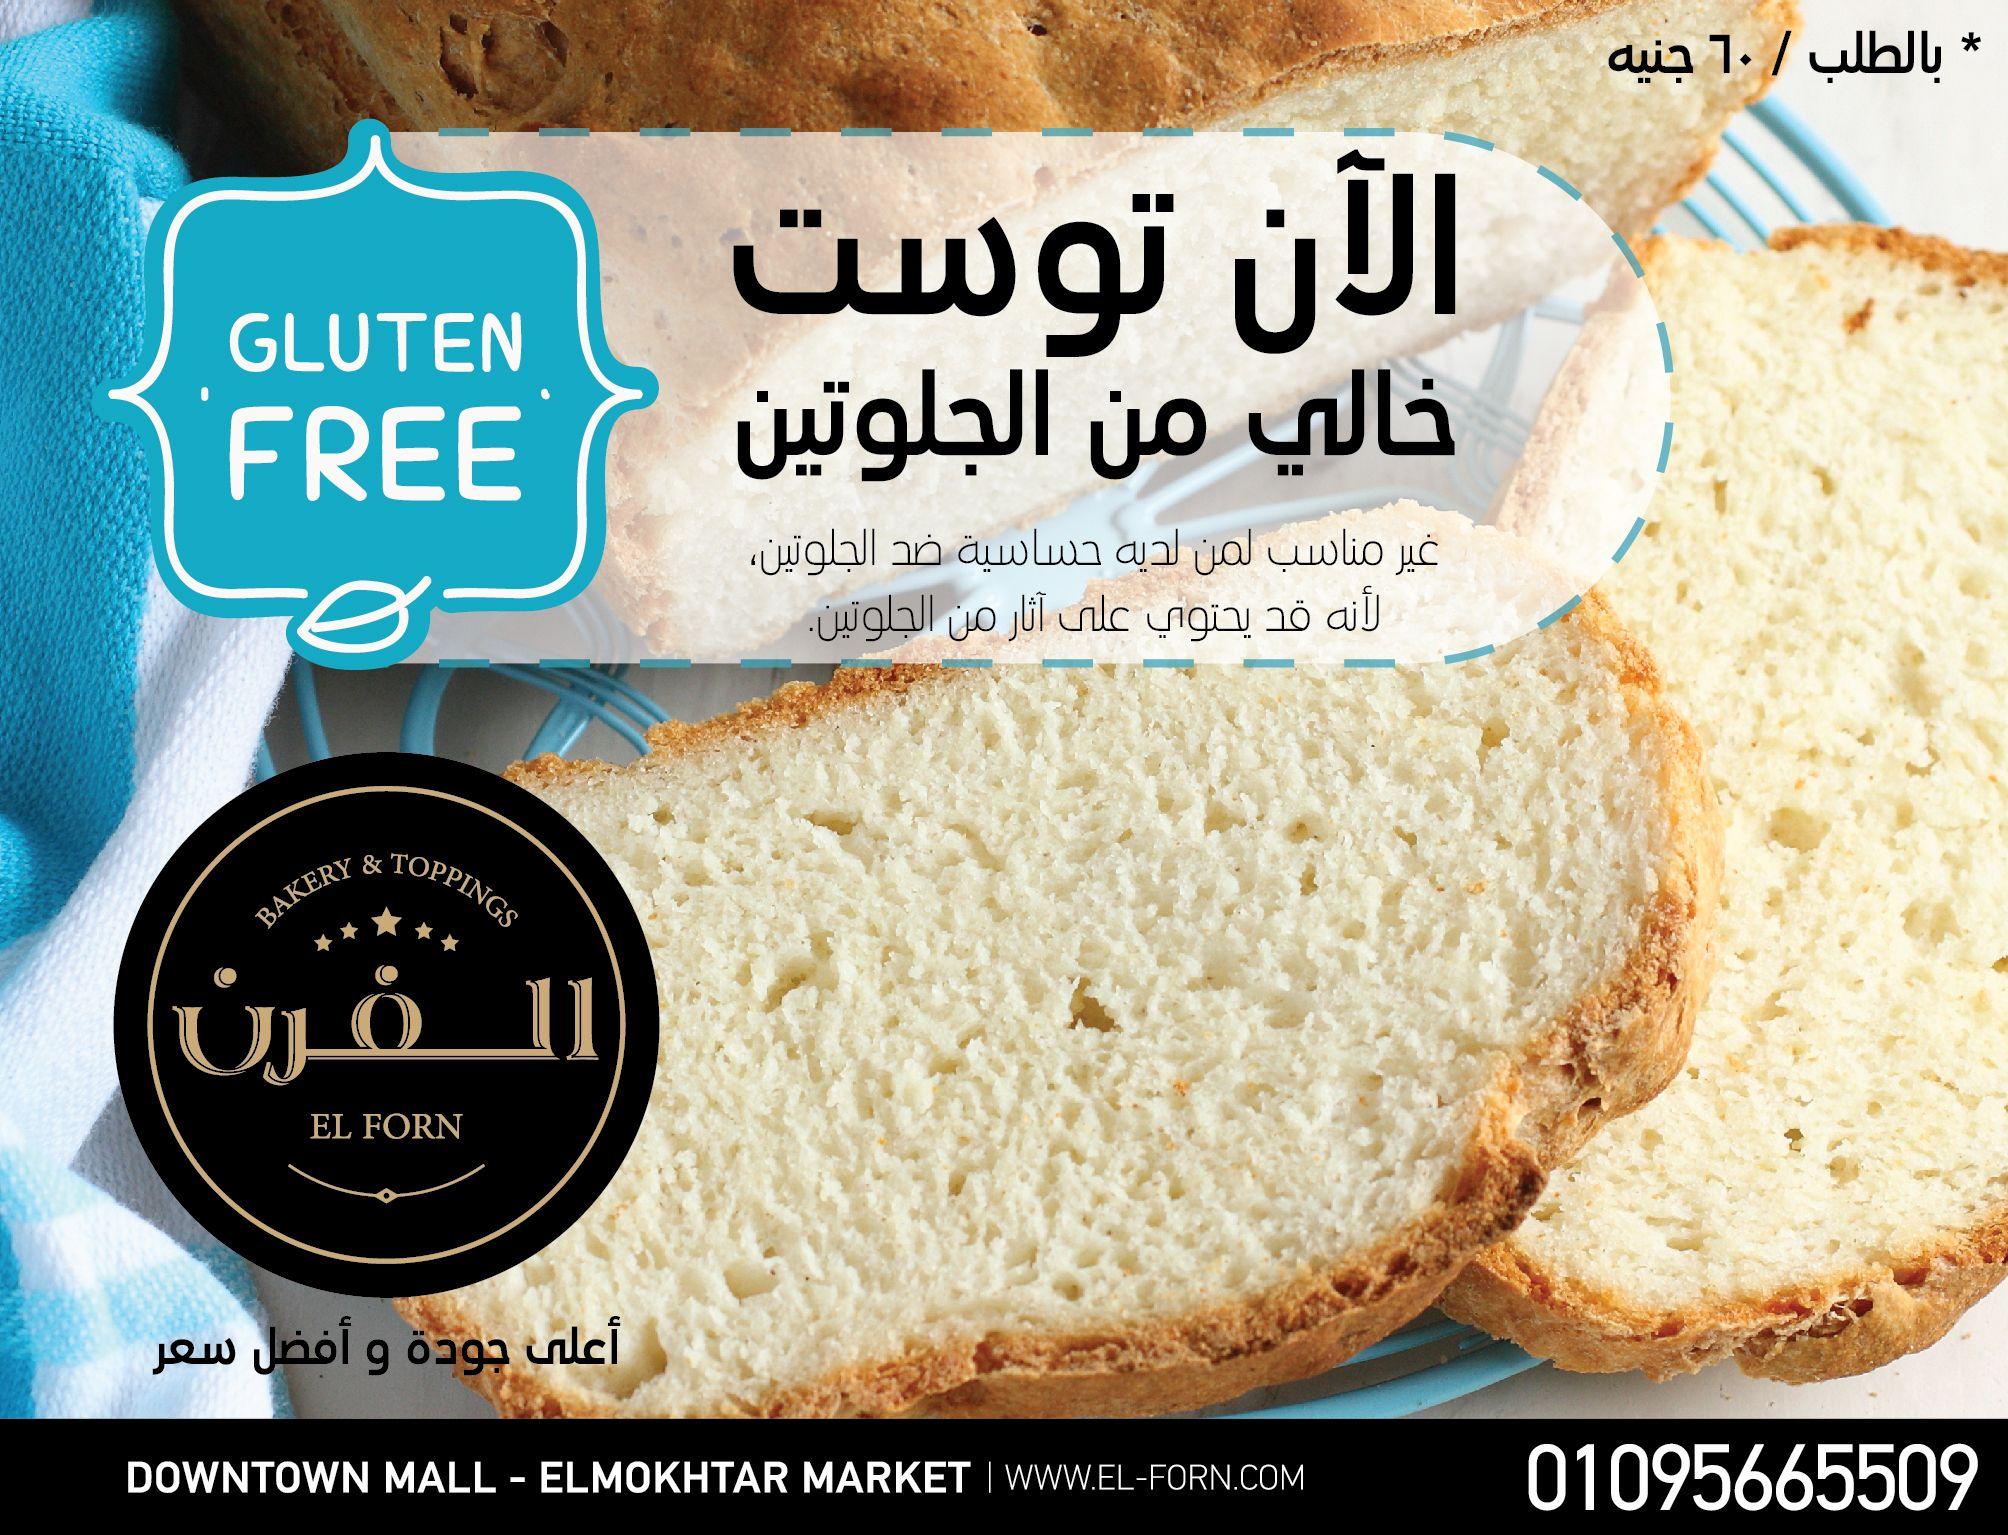 قالب توست كبير خالي من الجلوتين من الفرن Large Gluten Free Toast From El Forn لخدمة التوصيل اتصل بfor Delivery Call 0109566550 Food Allergies Food Gluten Free